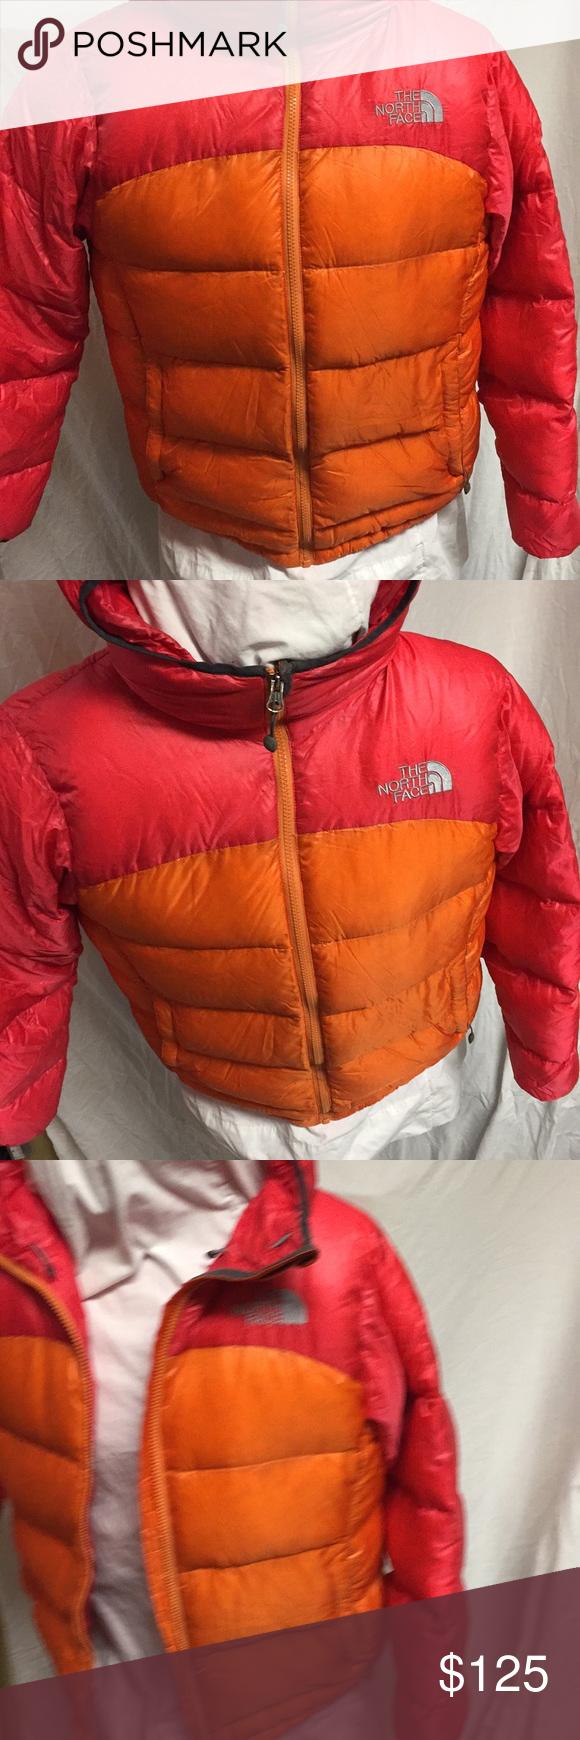 The North Face Puffy Winter Coat Orange Jacket The North Face Summit Series Puff Coat Face Jacket N In 2020 Puffy Winter Coat Orange Jacket Puffy Winter Jacket [ 1740 x 580 Pixel ]